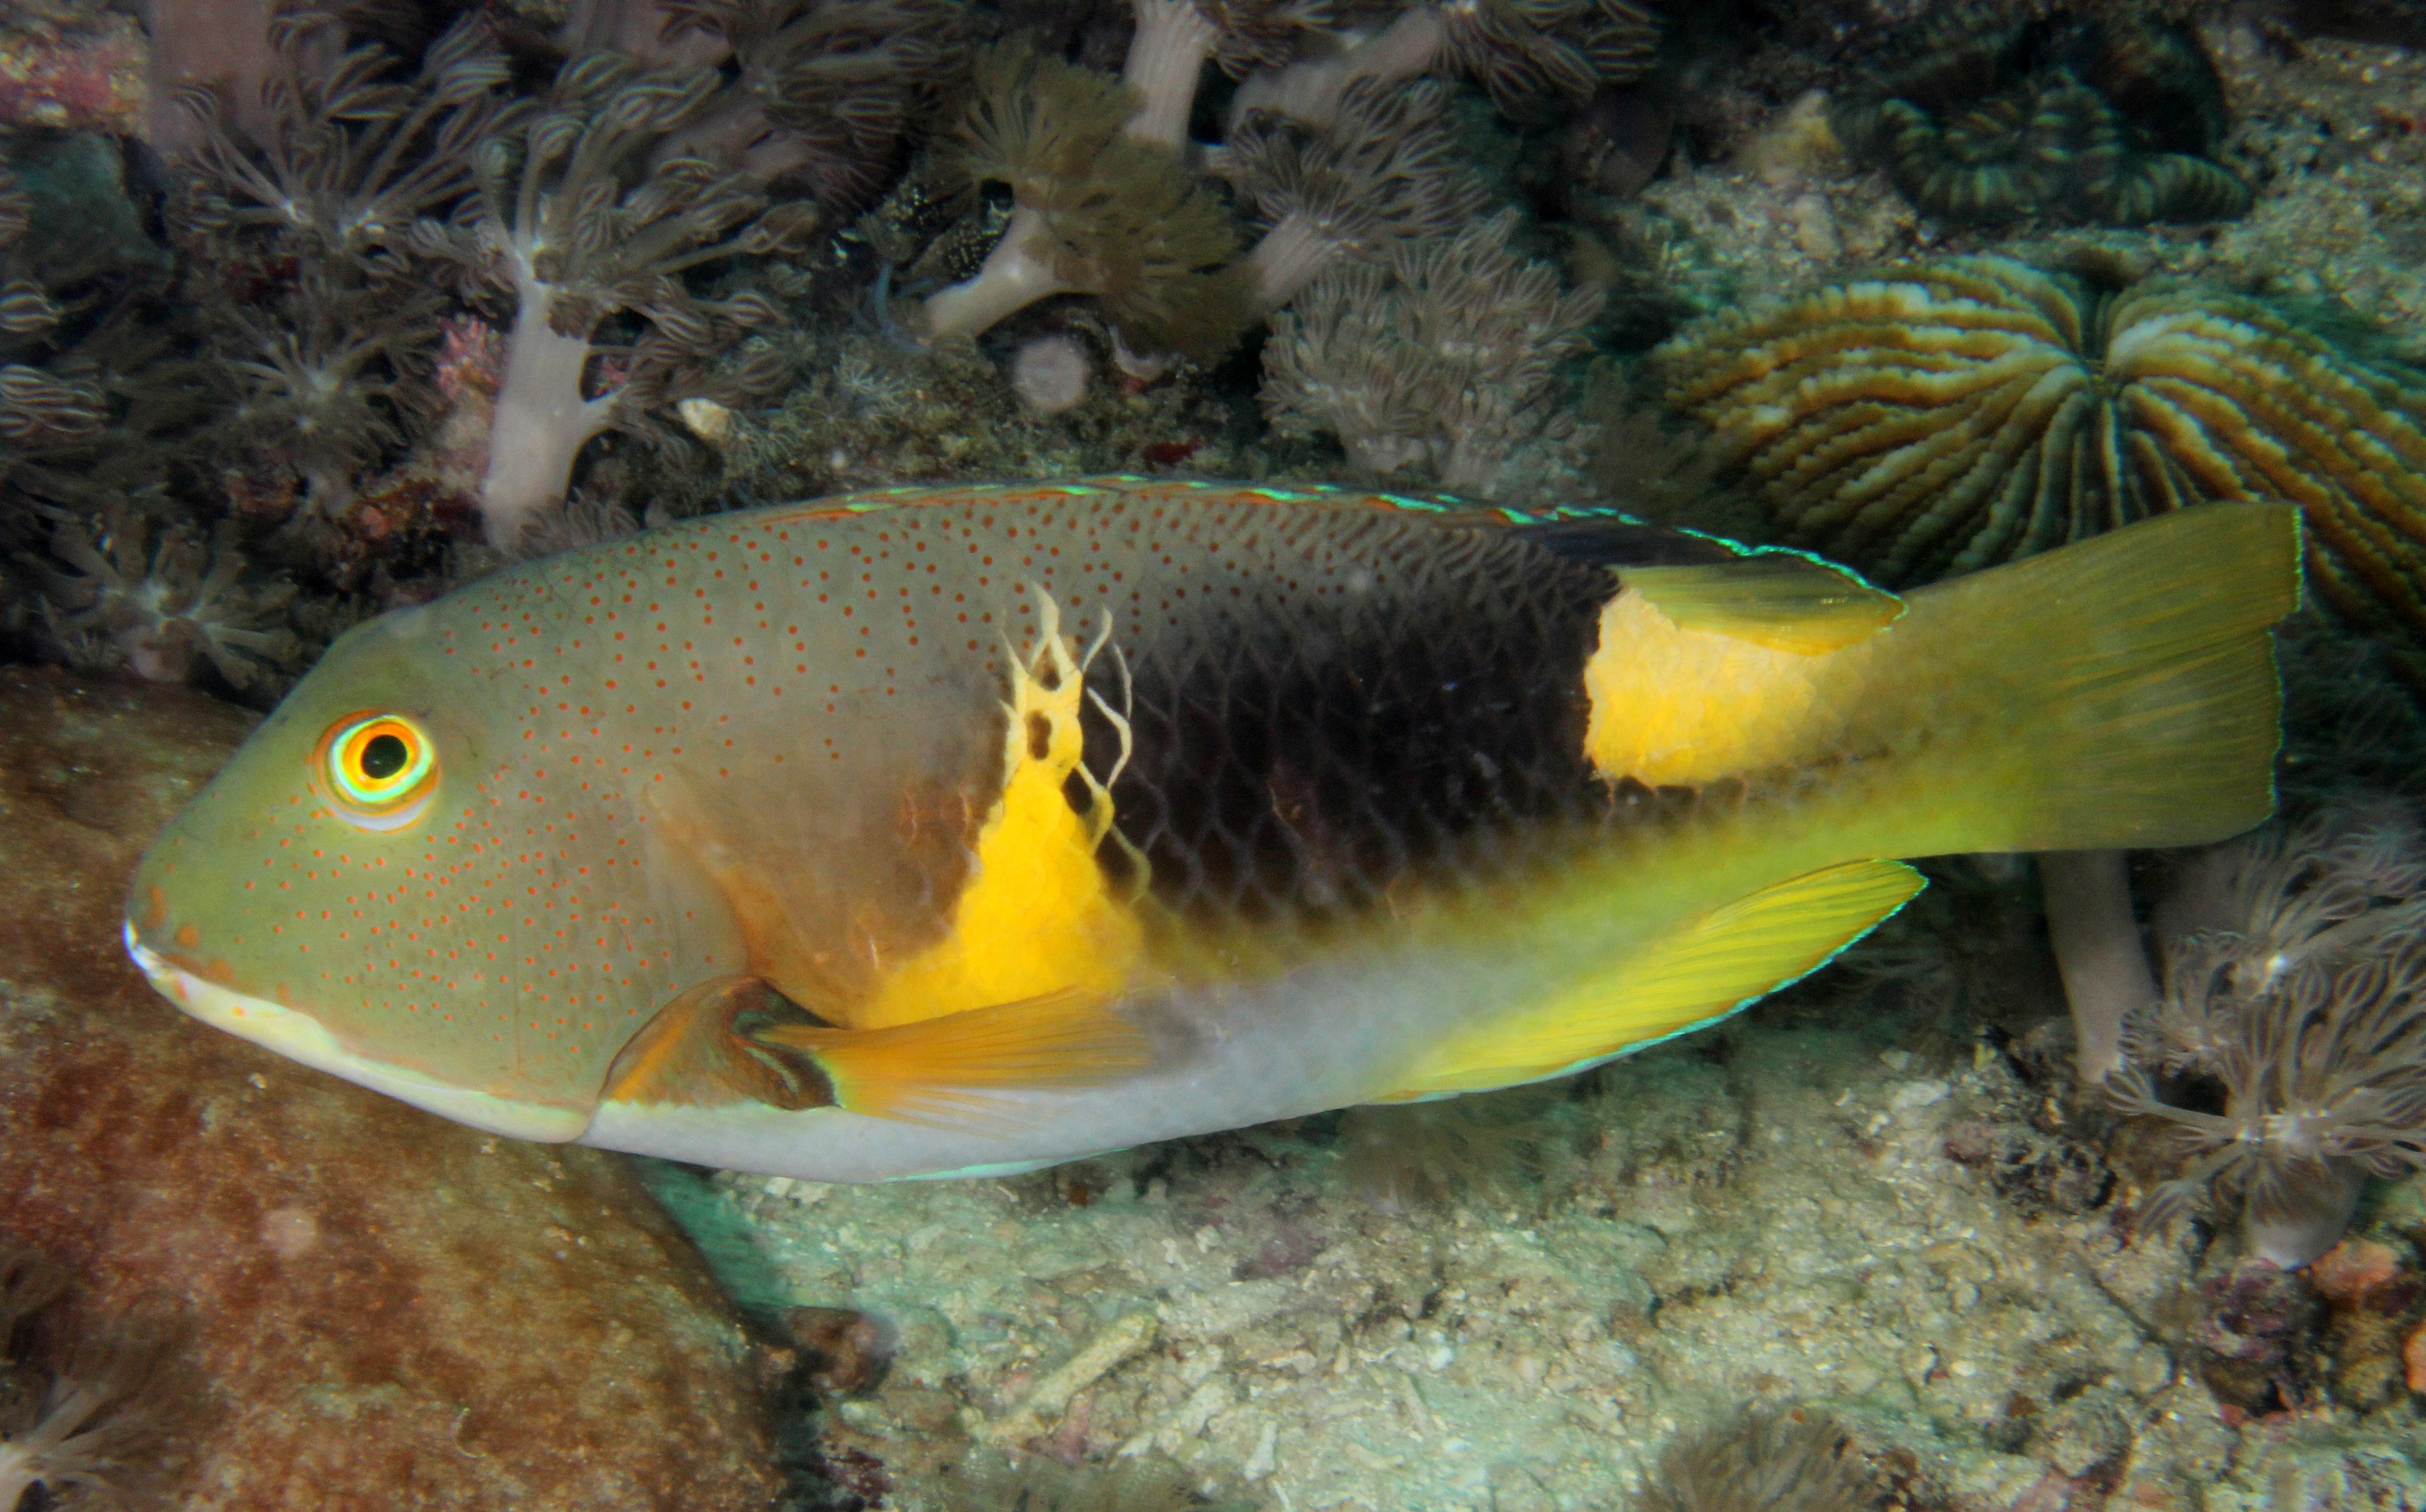 Ancor Tuskfish